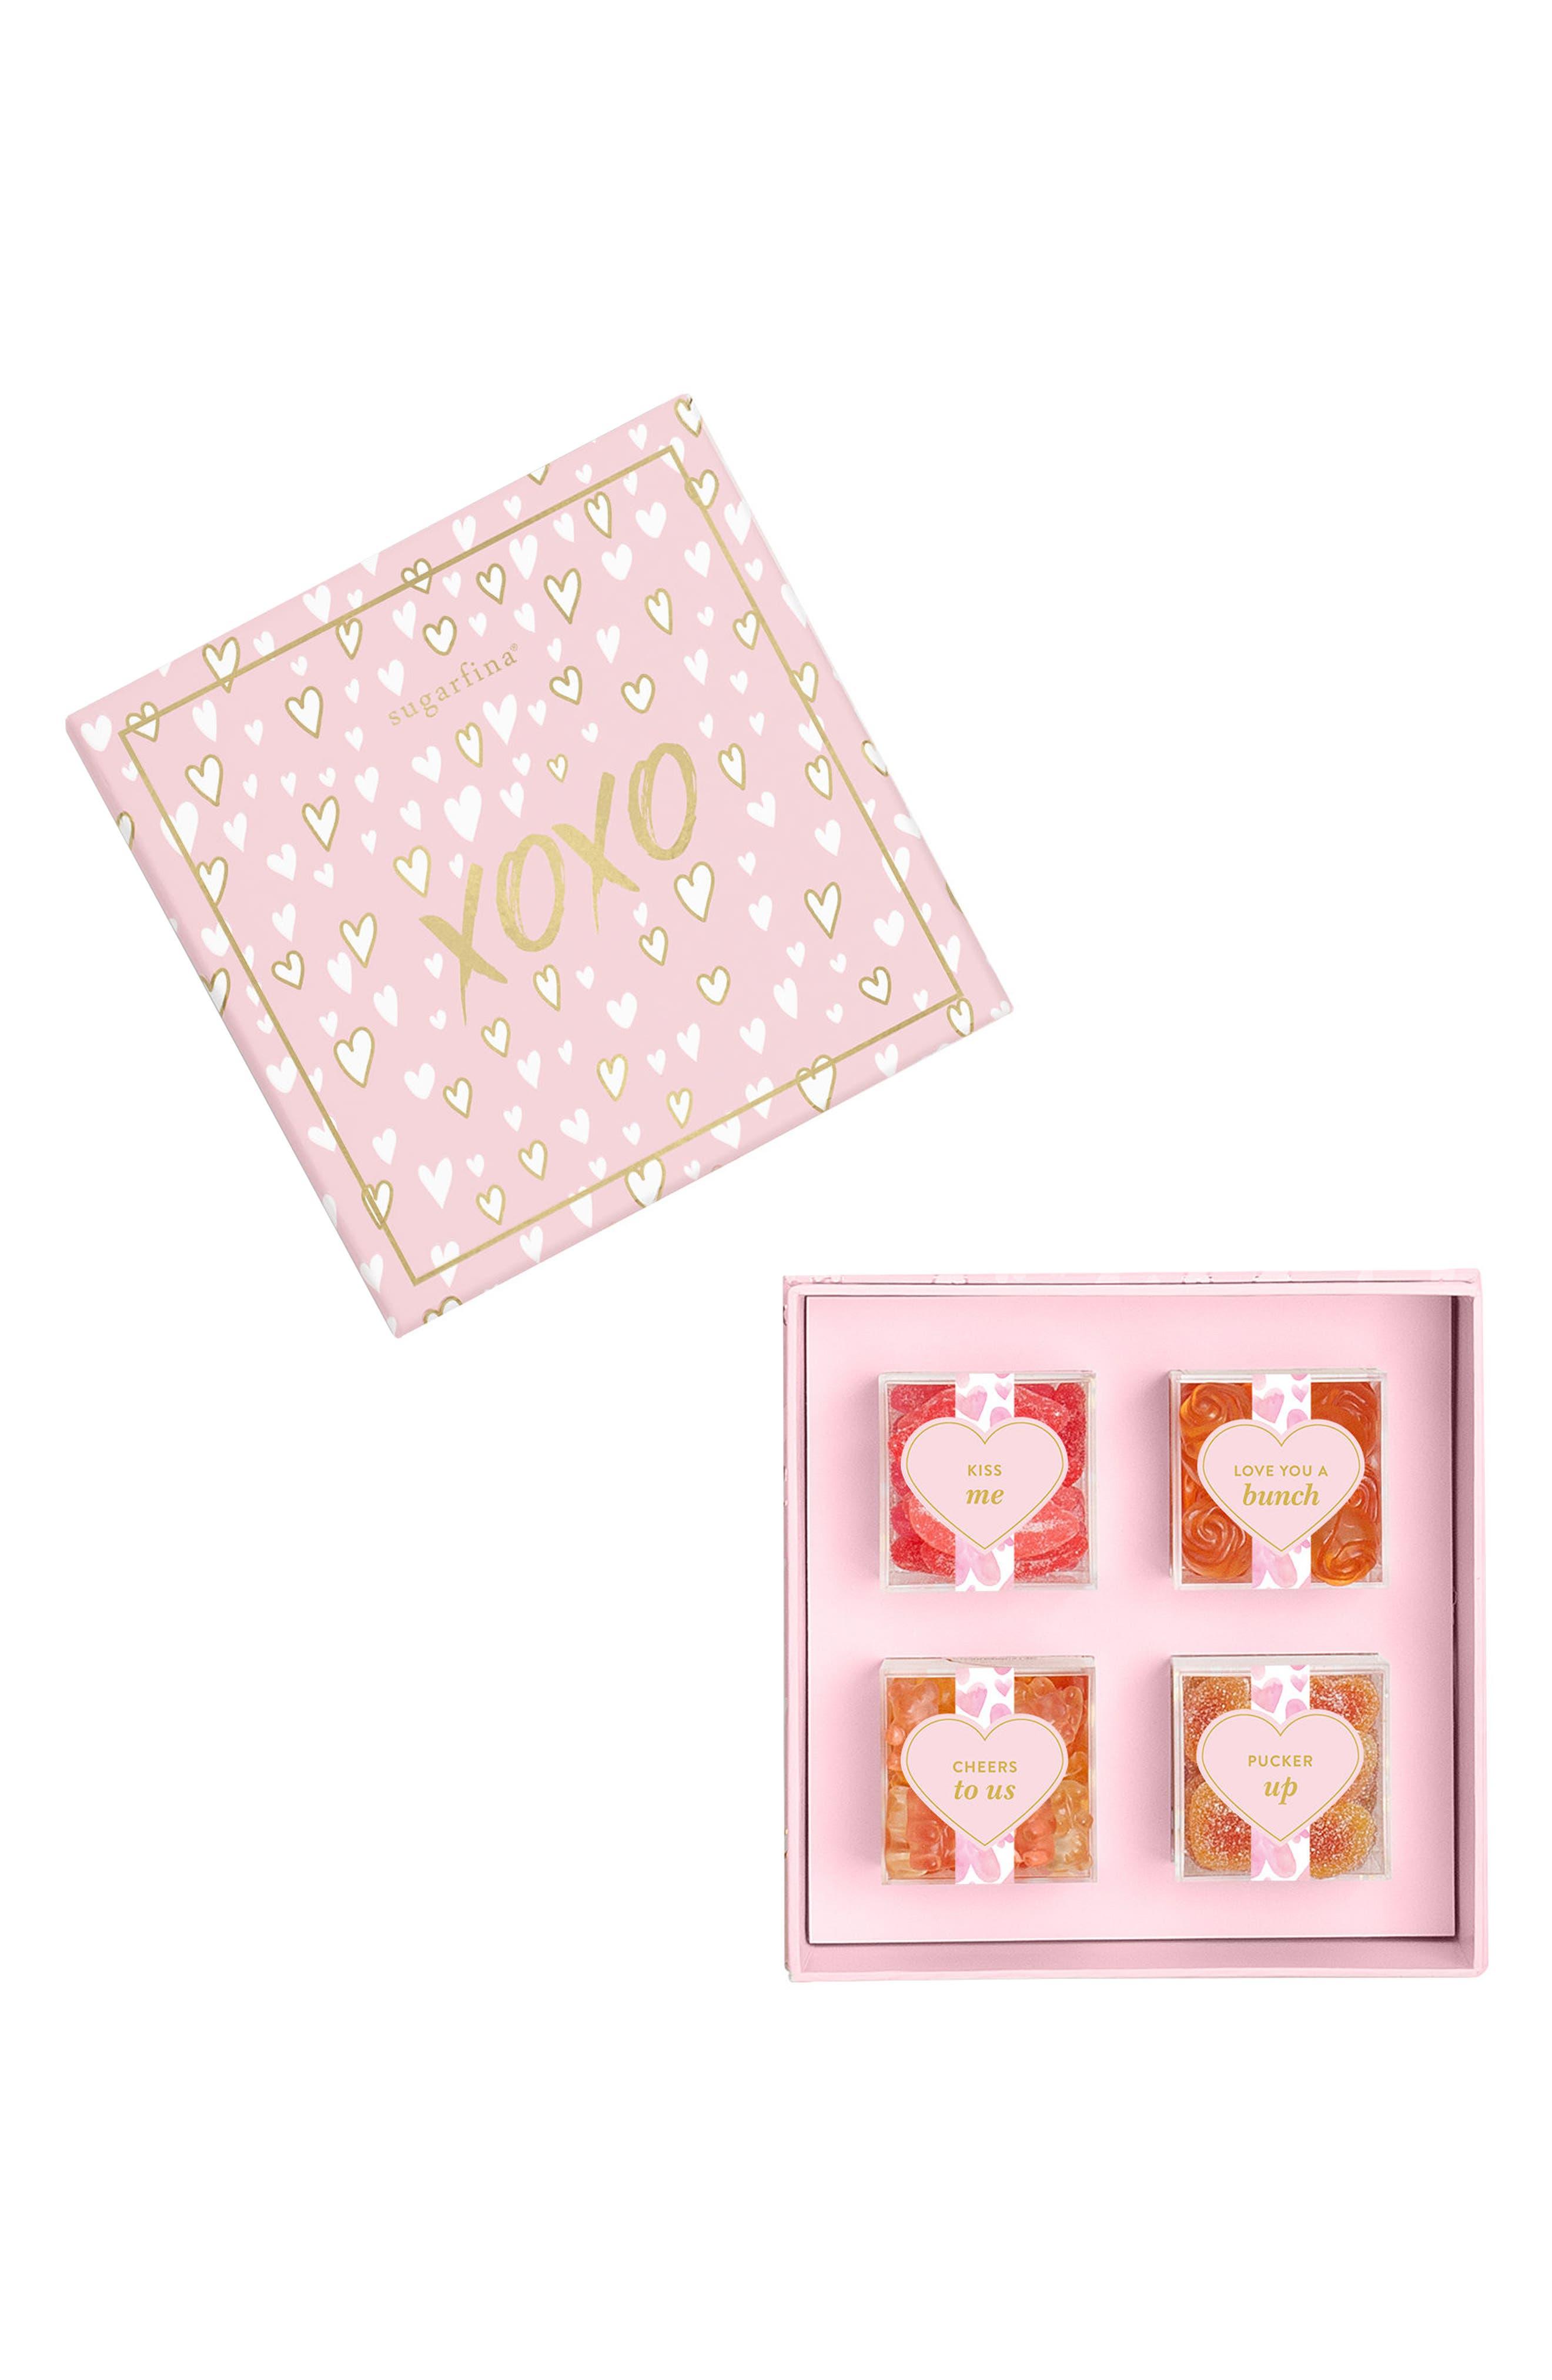 XOXO 4-Piece Candy Bento Box,                             Main thumbnail 1, color,                             650